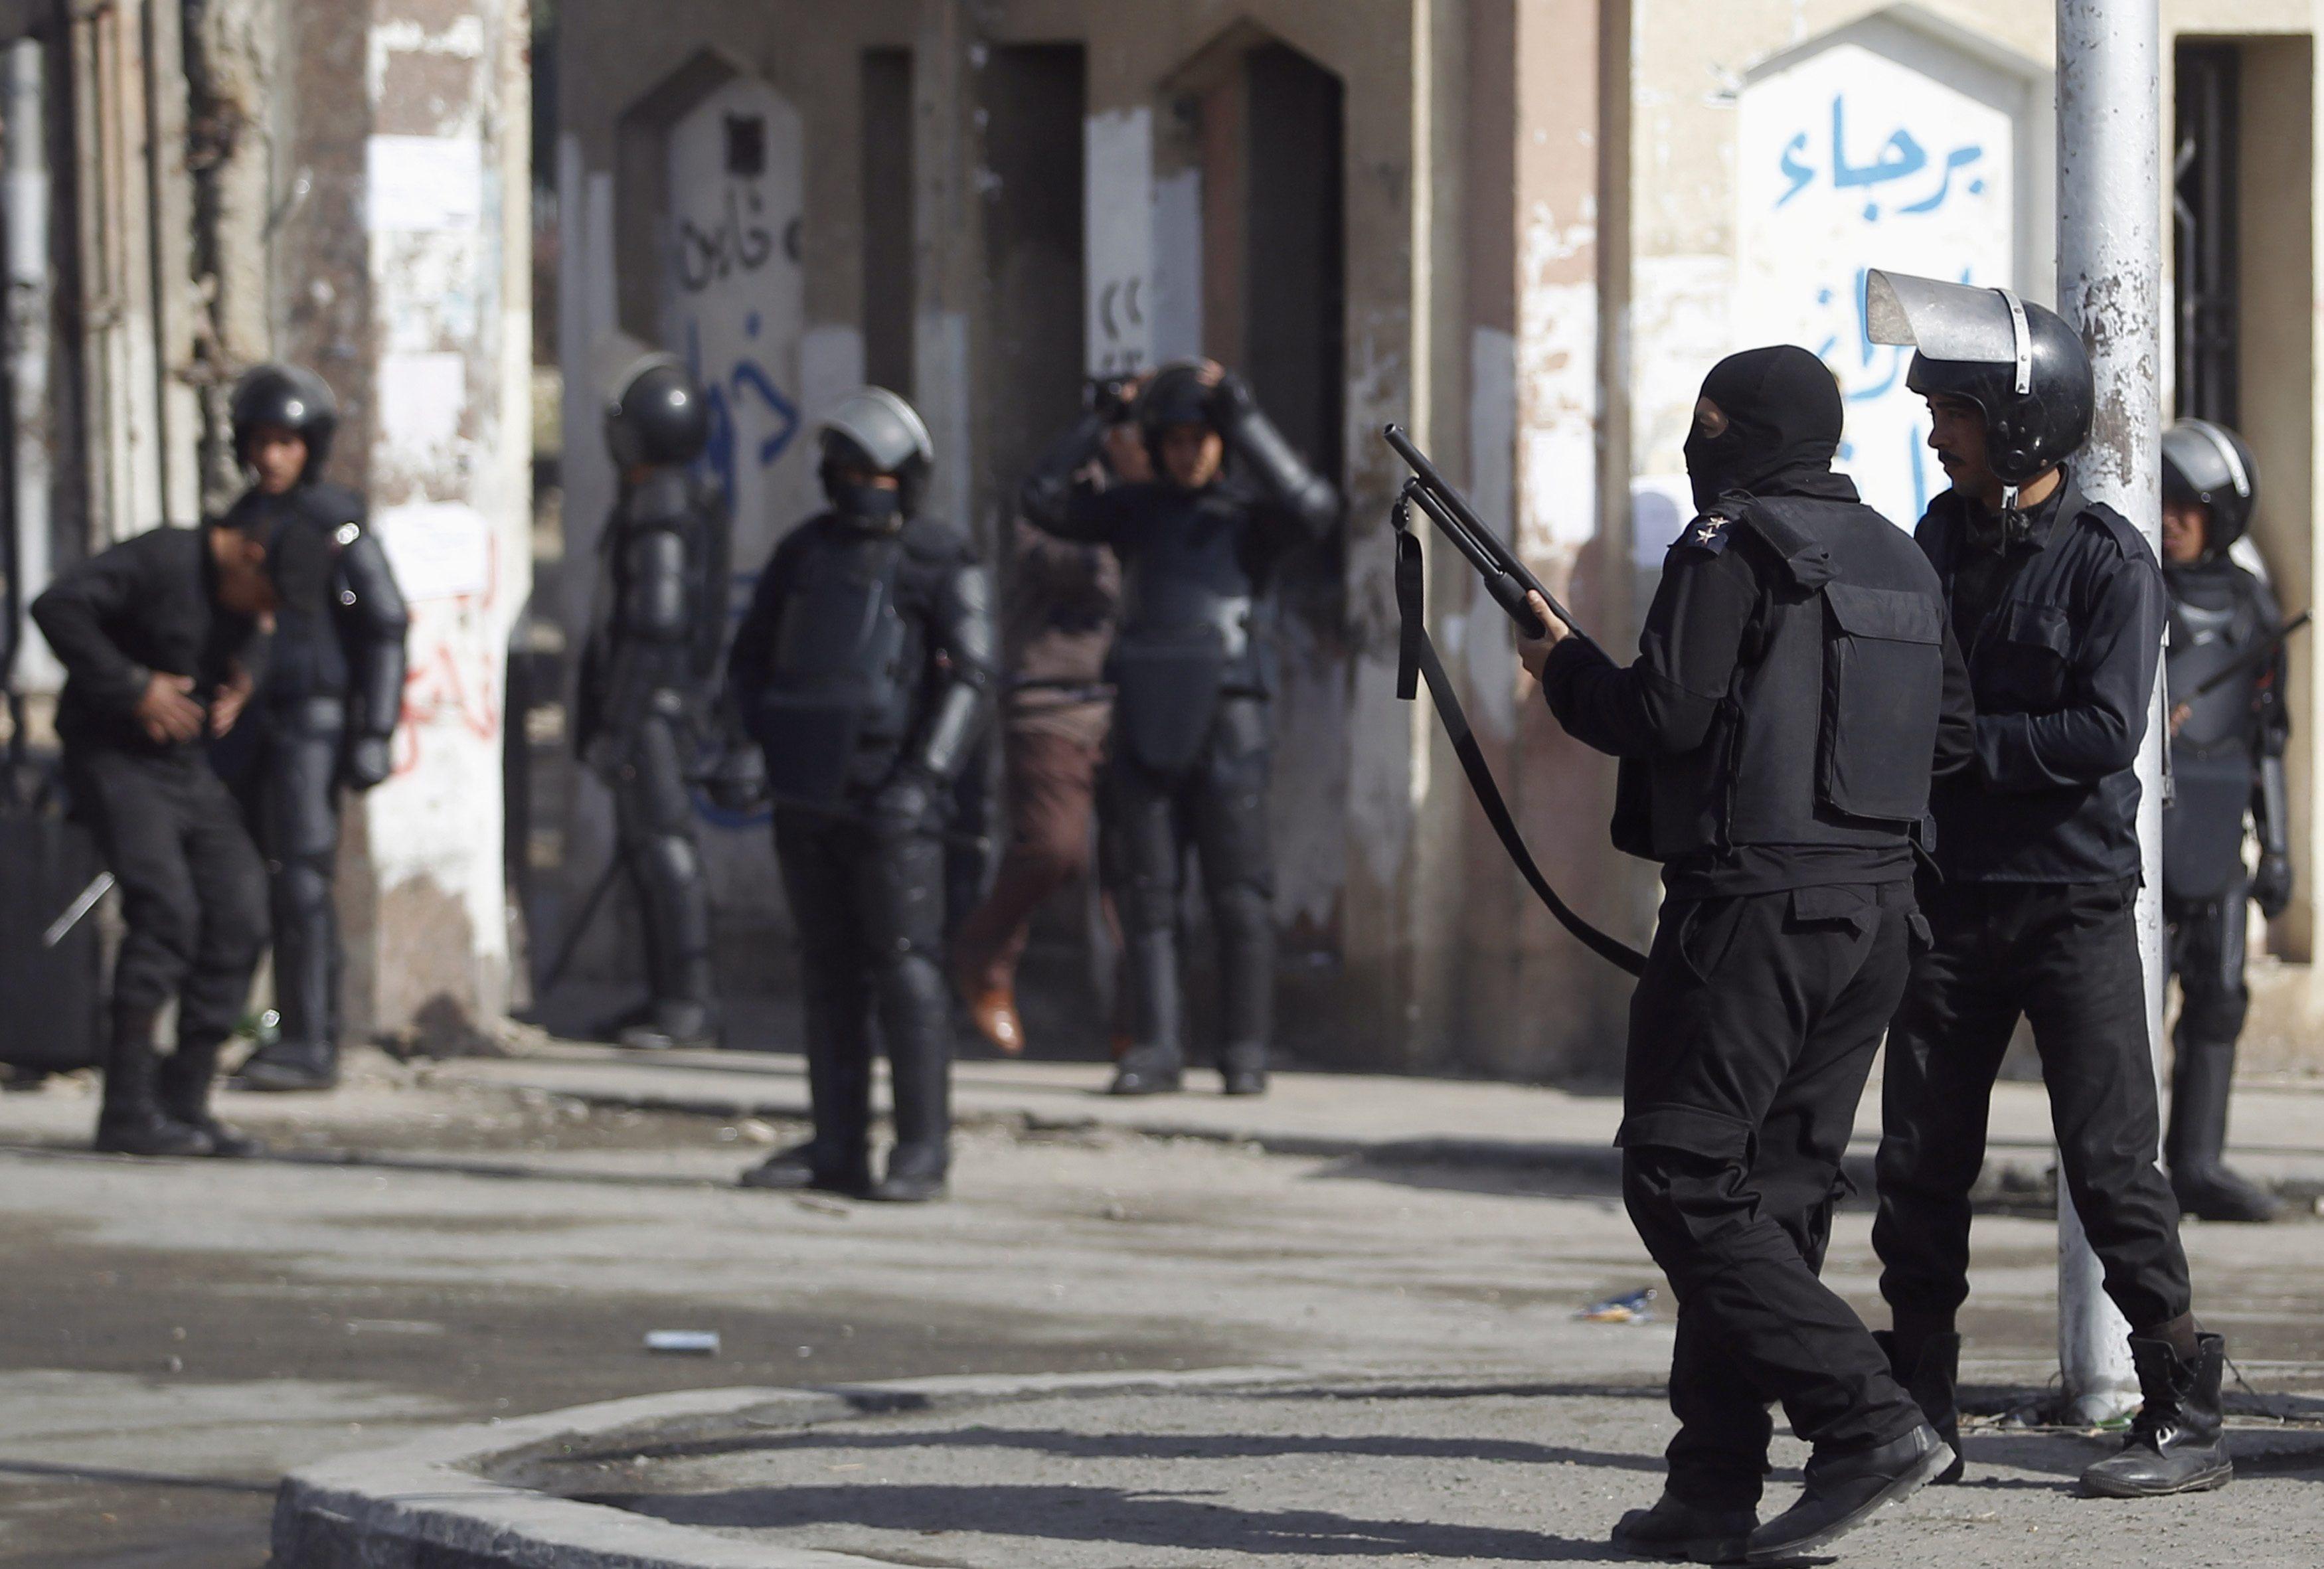 مصر تعلن احباط مخطط ارهابي وتقتل اثنين بعد اشتباكات استمرت 3 ساعات